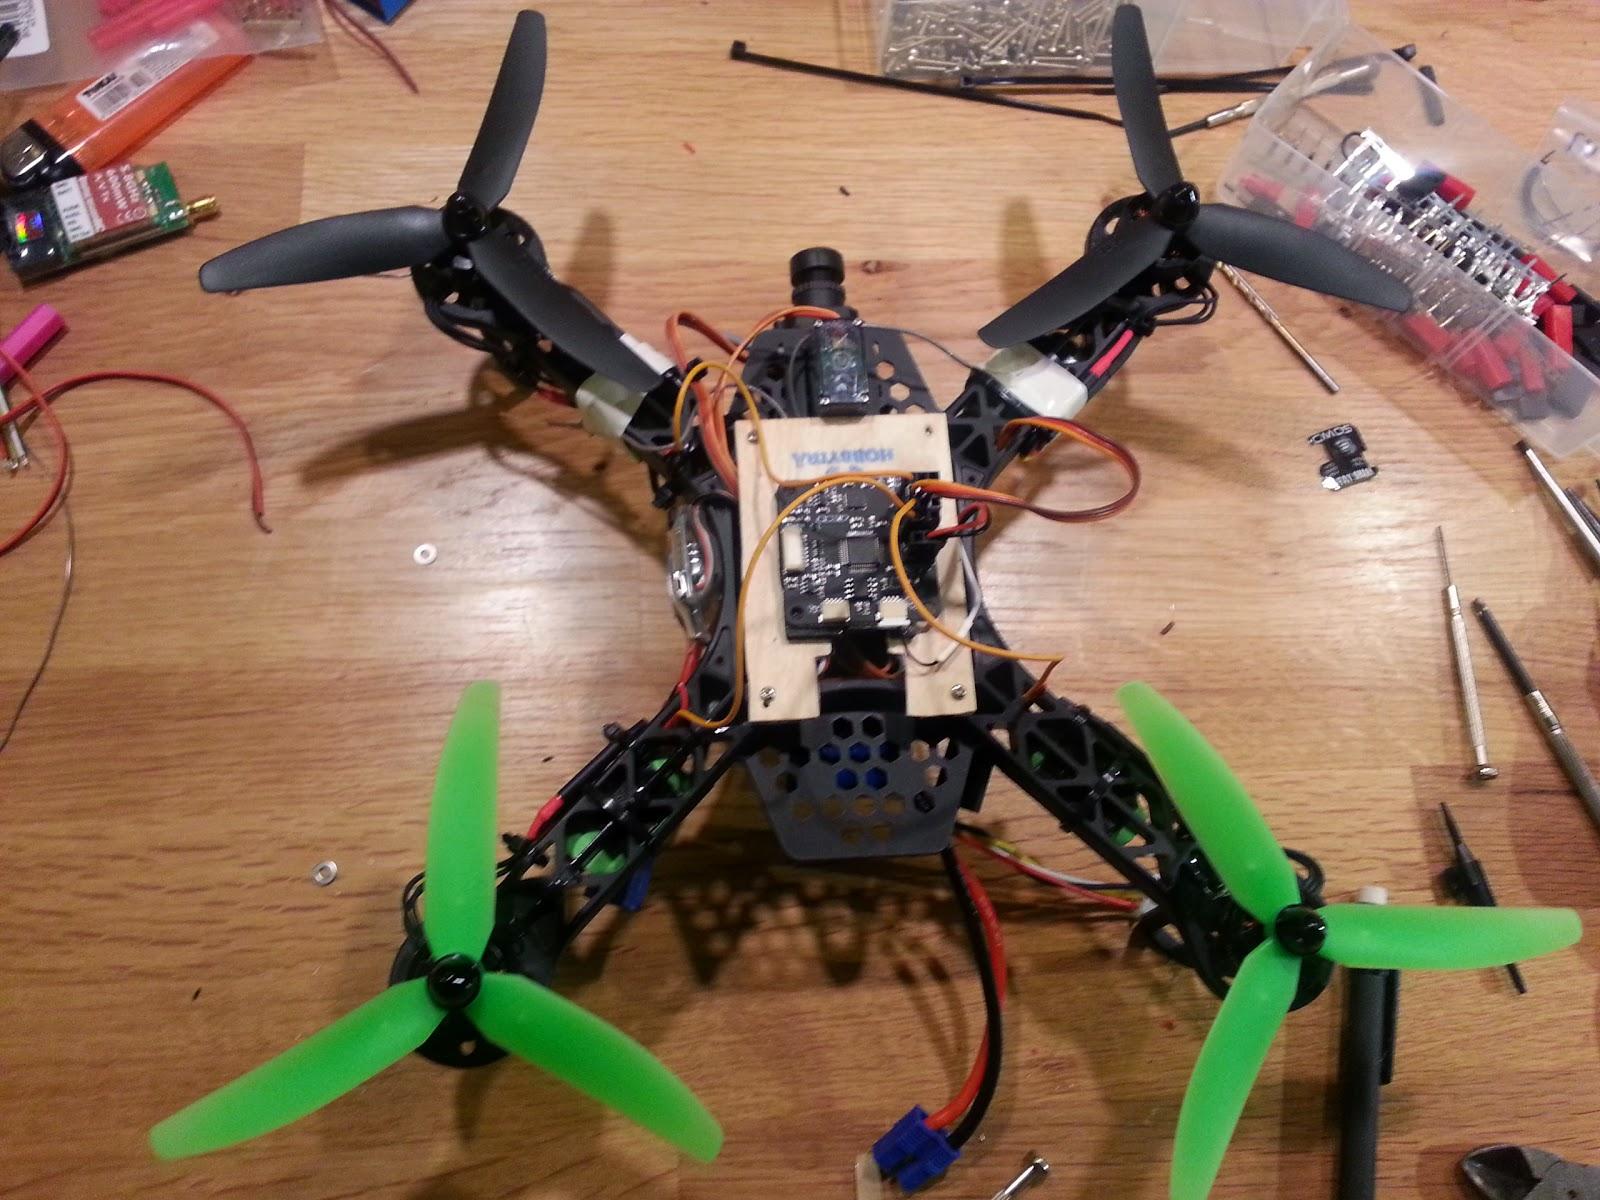 Wondrous Cc3D Afro Esc Wiring Cc3D Flight Controller Wiring Diagram Wiring 101 Eattedownsetwise Assnl